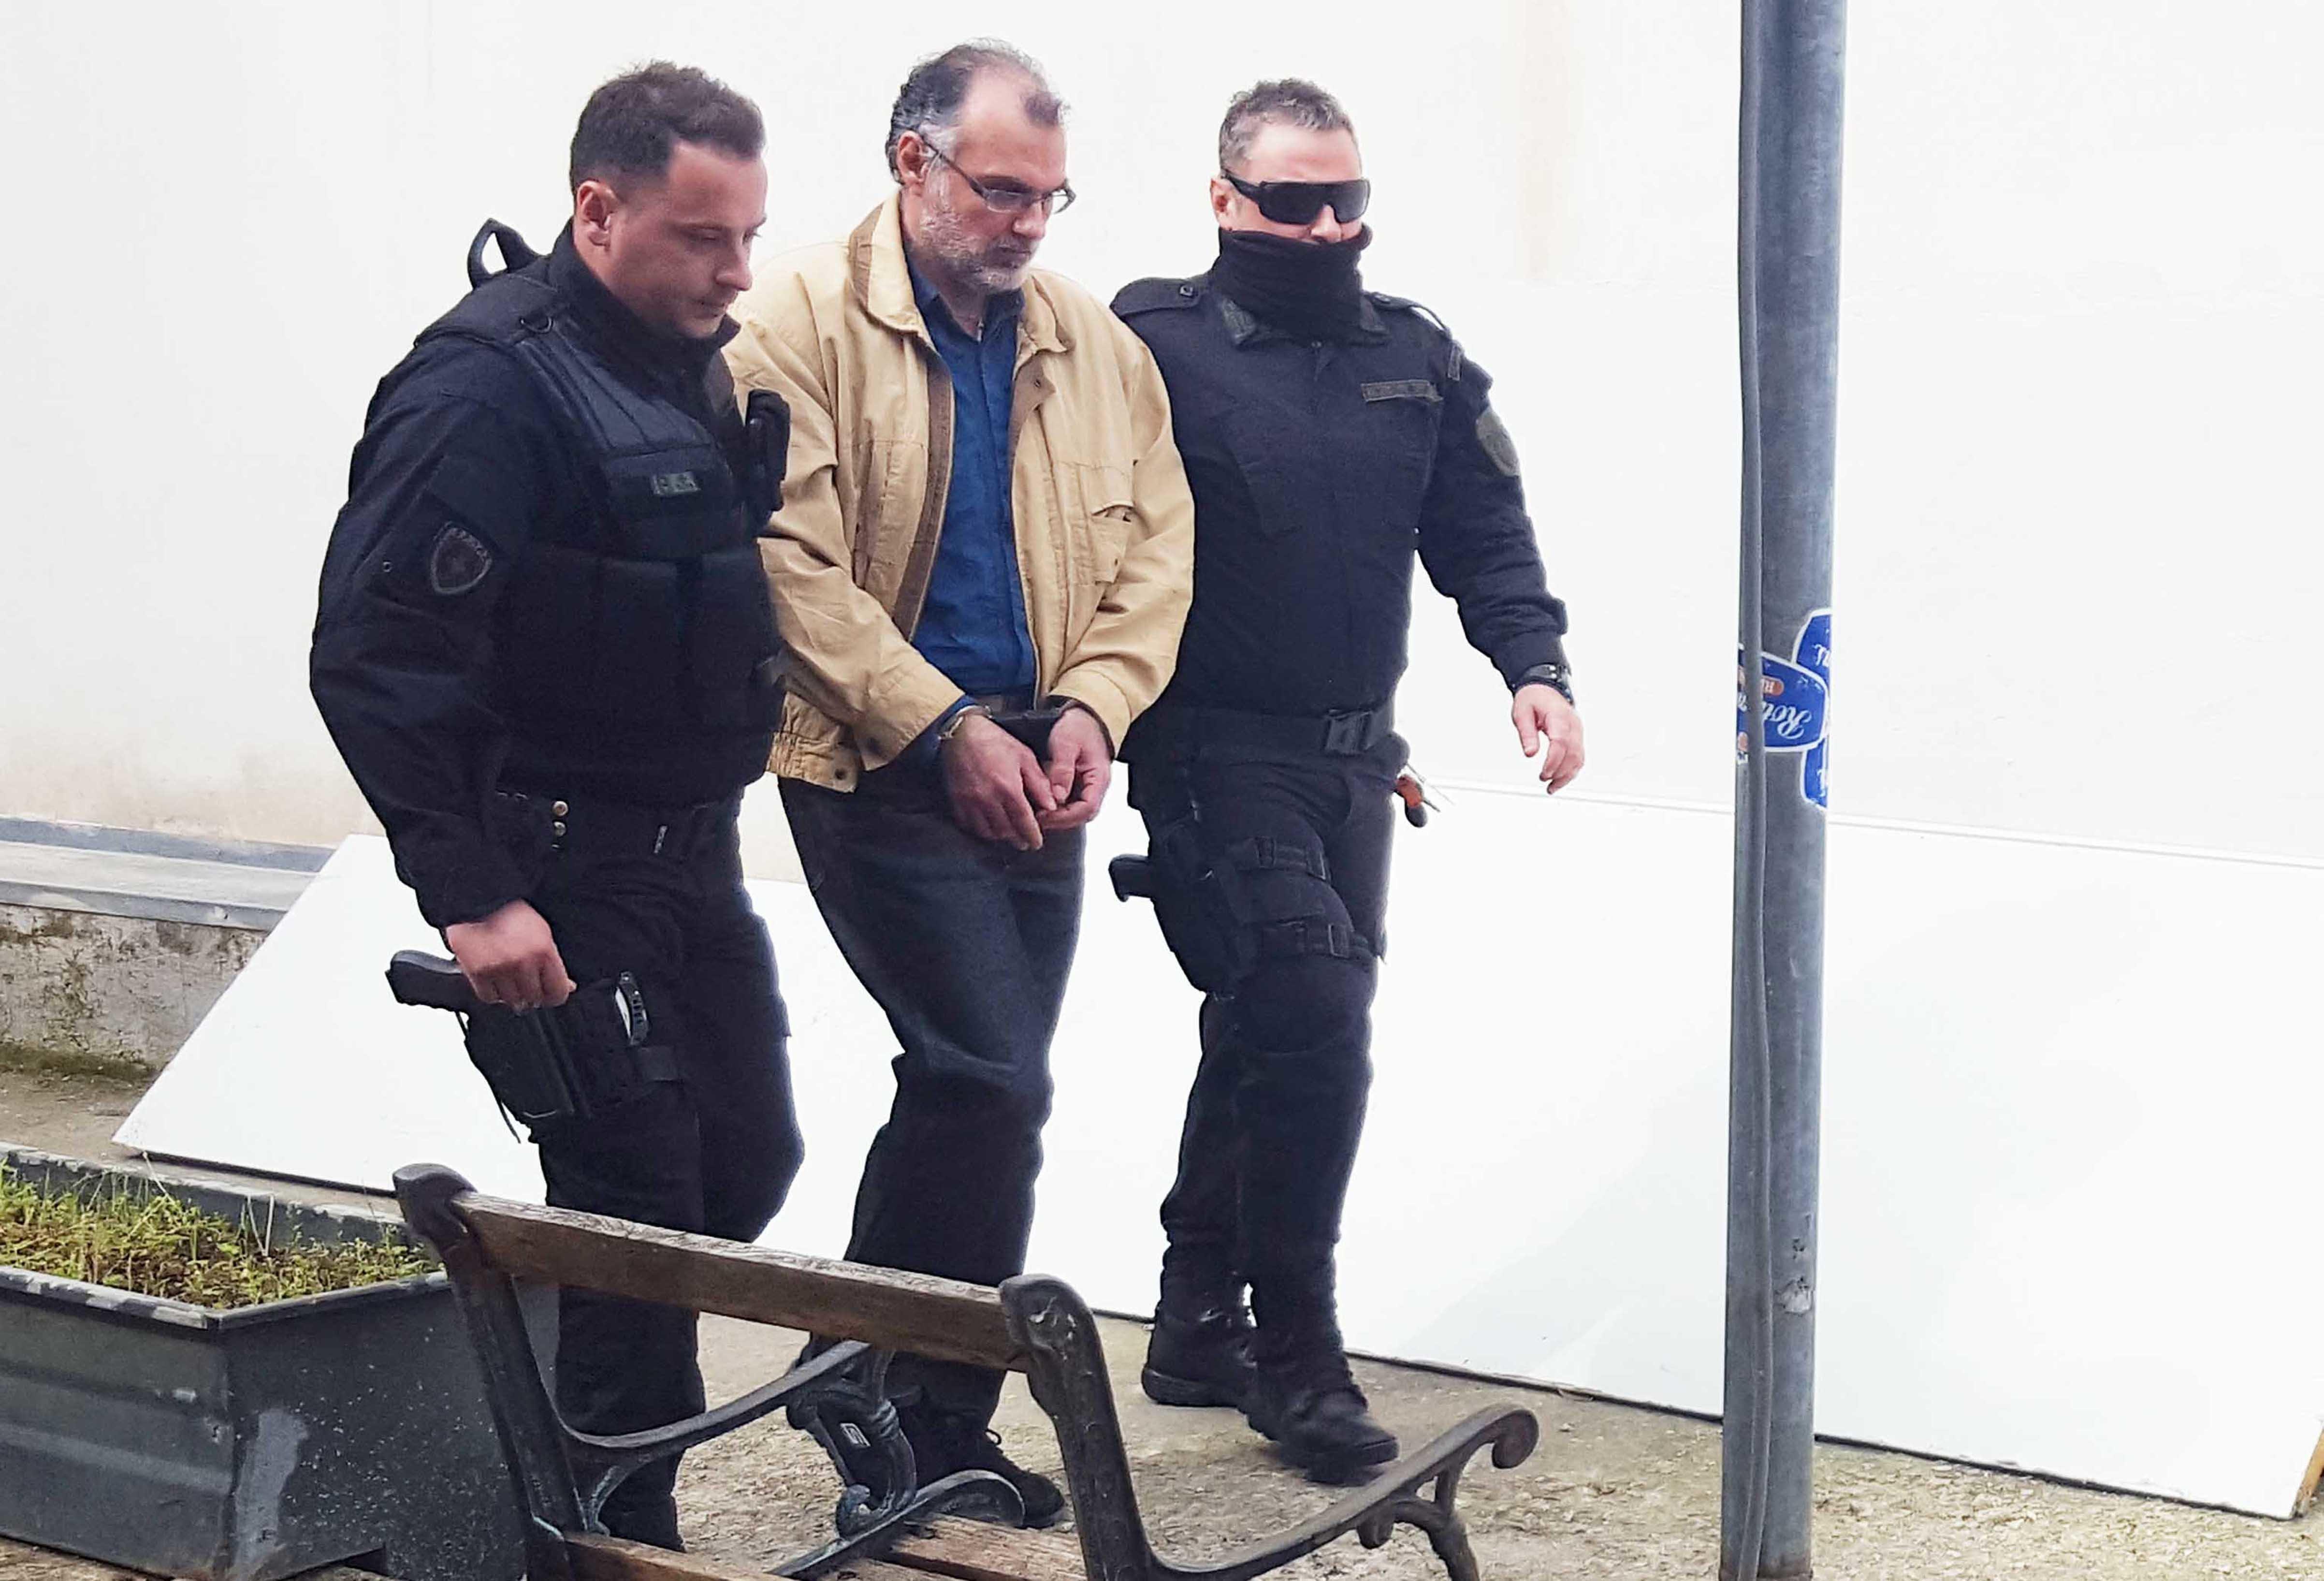 Δολοφονία Γρηγορόπουλου: Ενδεχόμενο και όχι ευθύ δόλο βλέπει ο Εισαγγελέας για τον